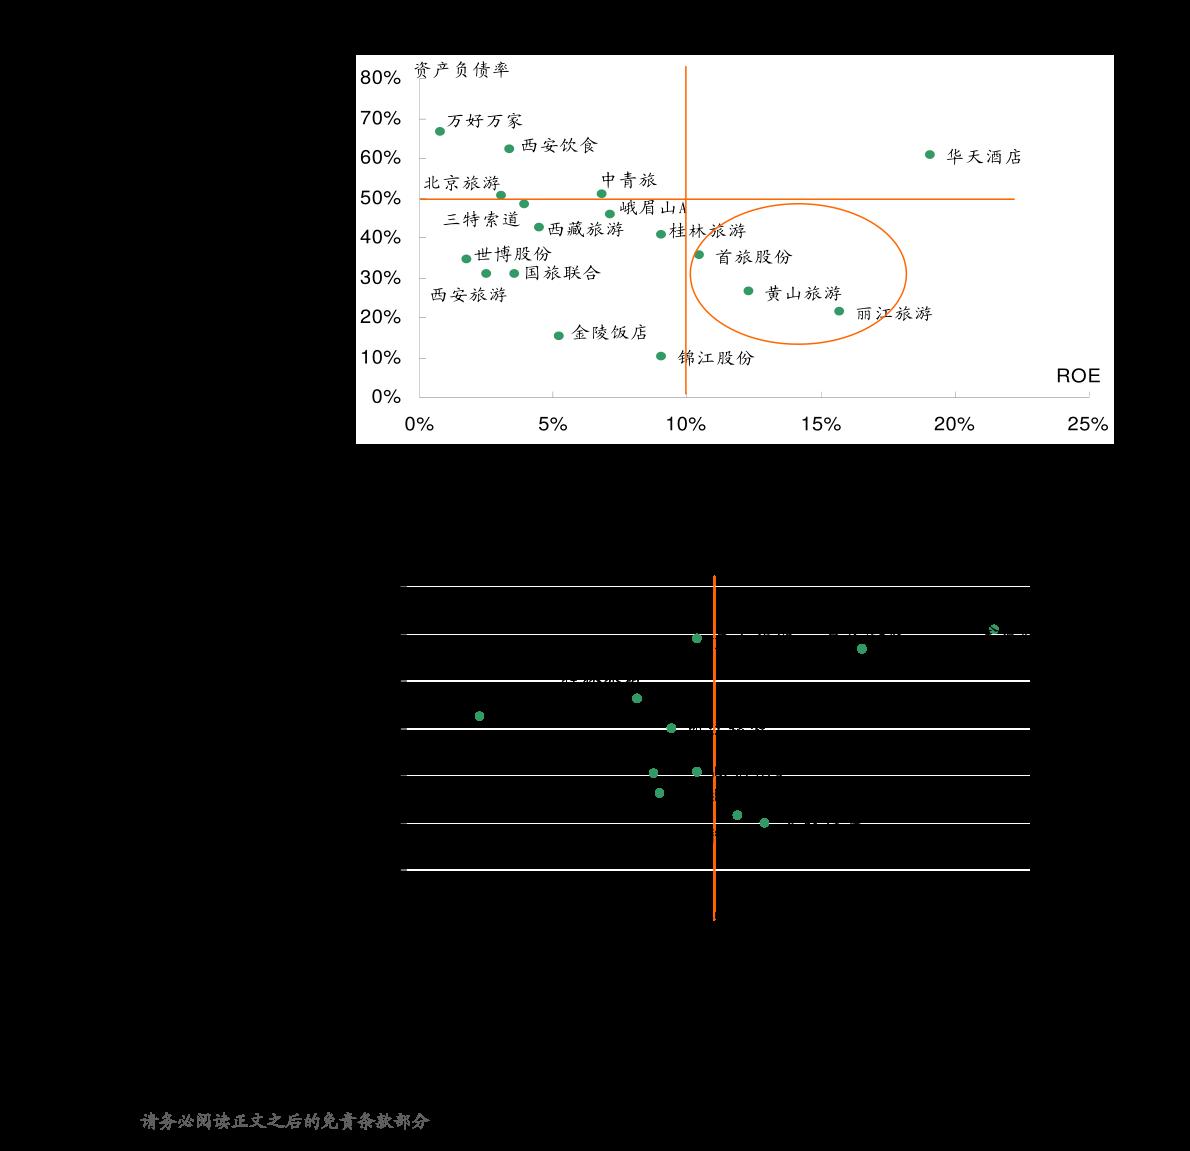 中原雷火电竞平台-锂电池雷火网址月报:销量增速提升,景气向上持续关注-201014